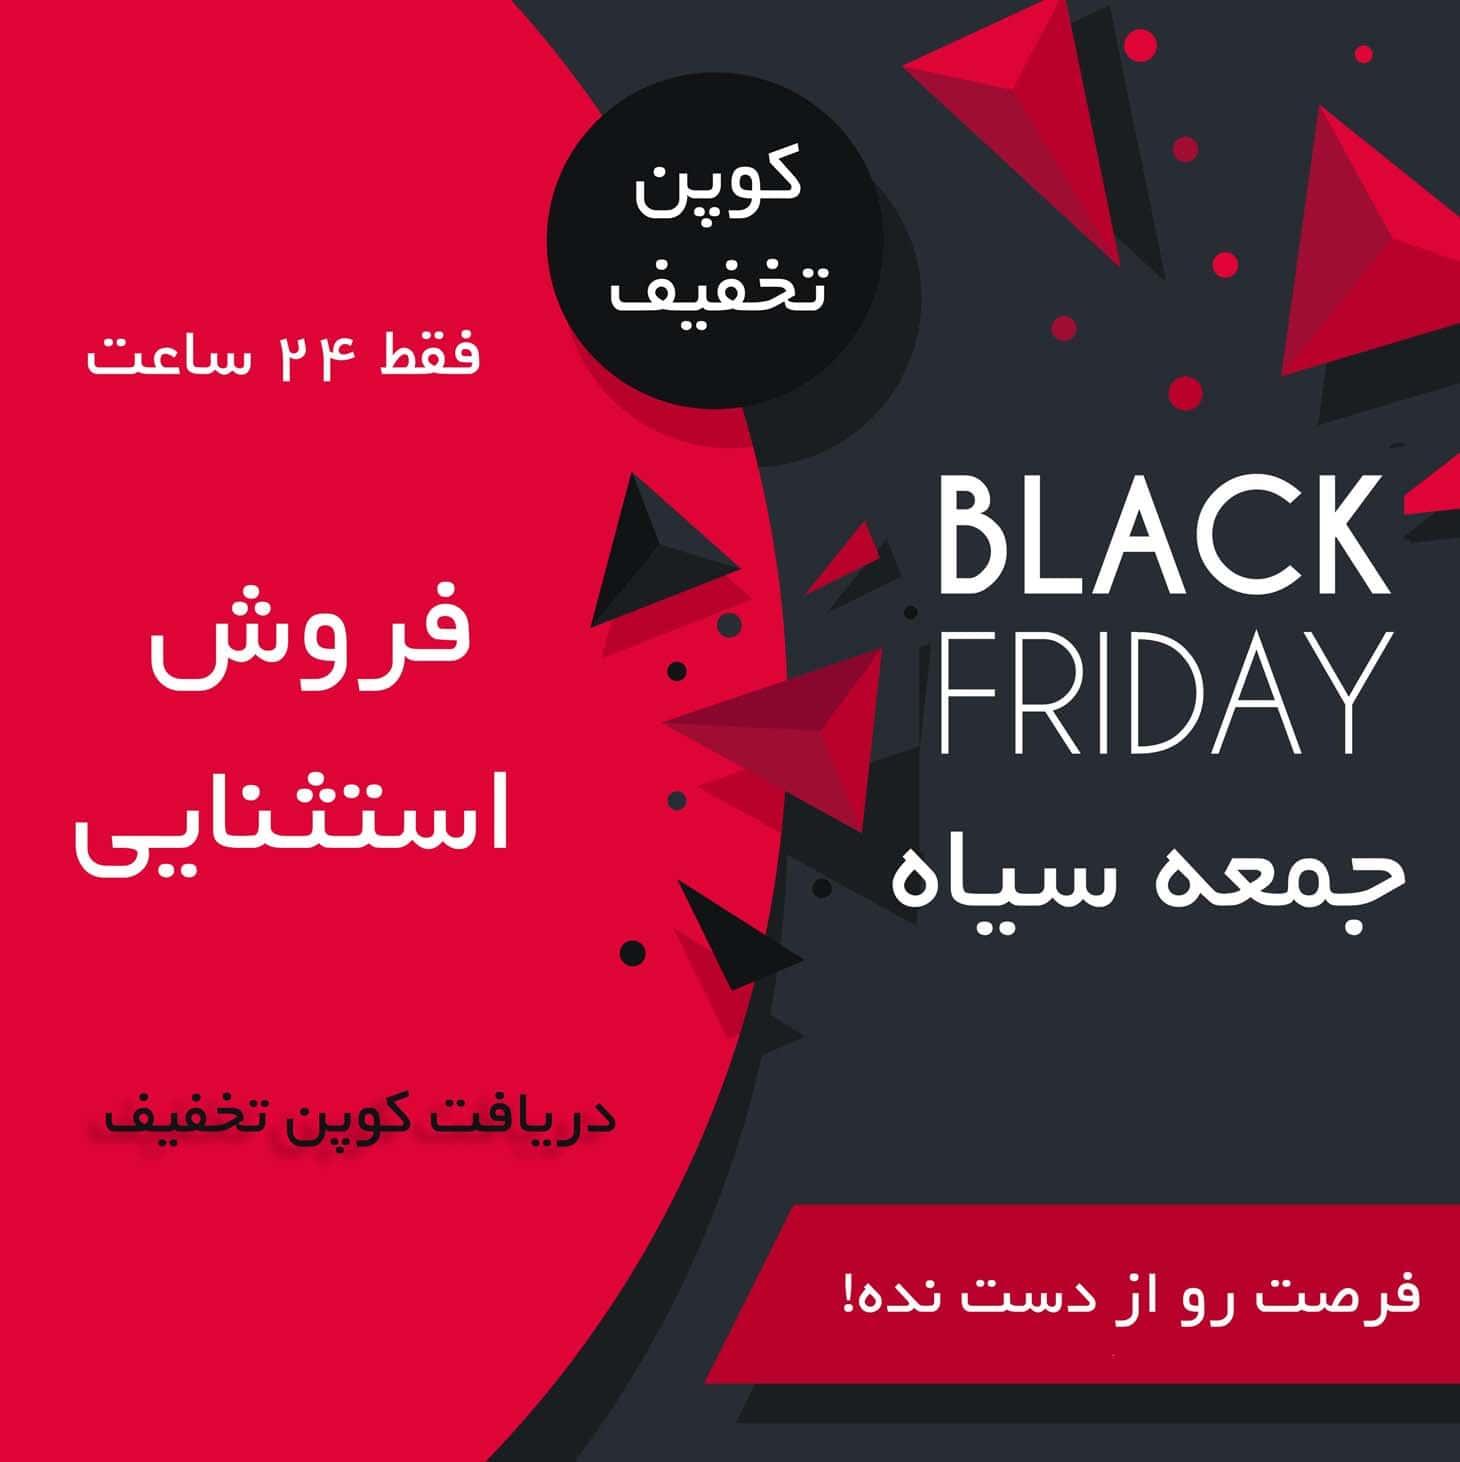 تخفیف های گالری شمرون ویژه بلک فرایدی ۲۰۱۸ Black Friday